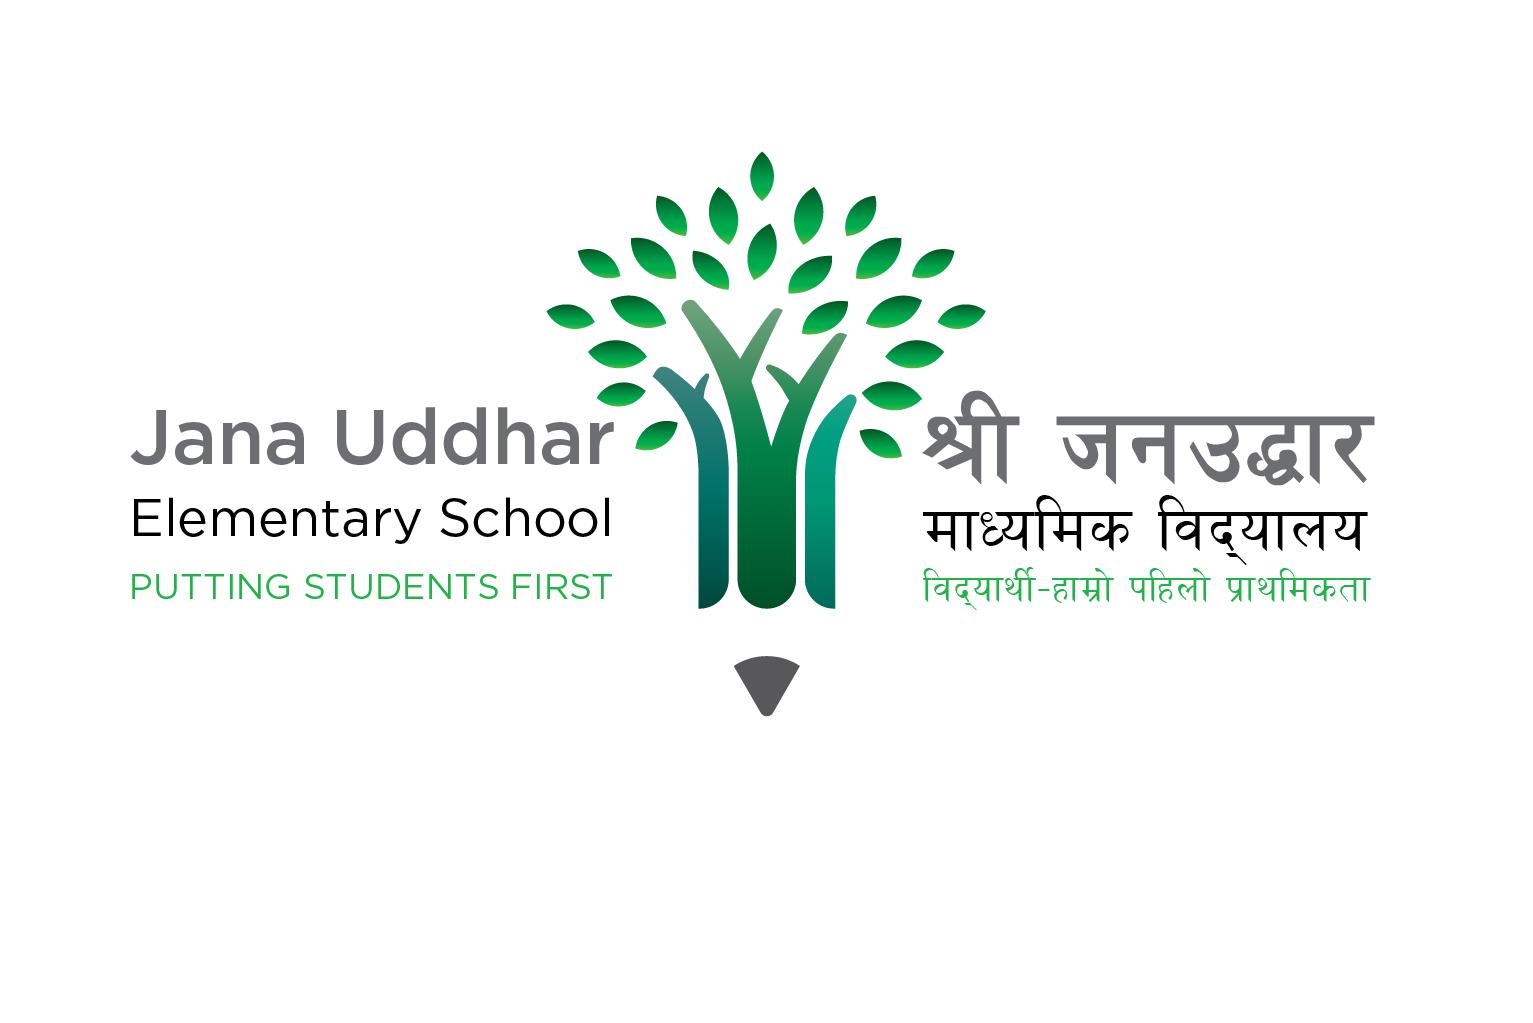 Jana Uddhar Elementary School logo